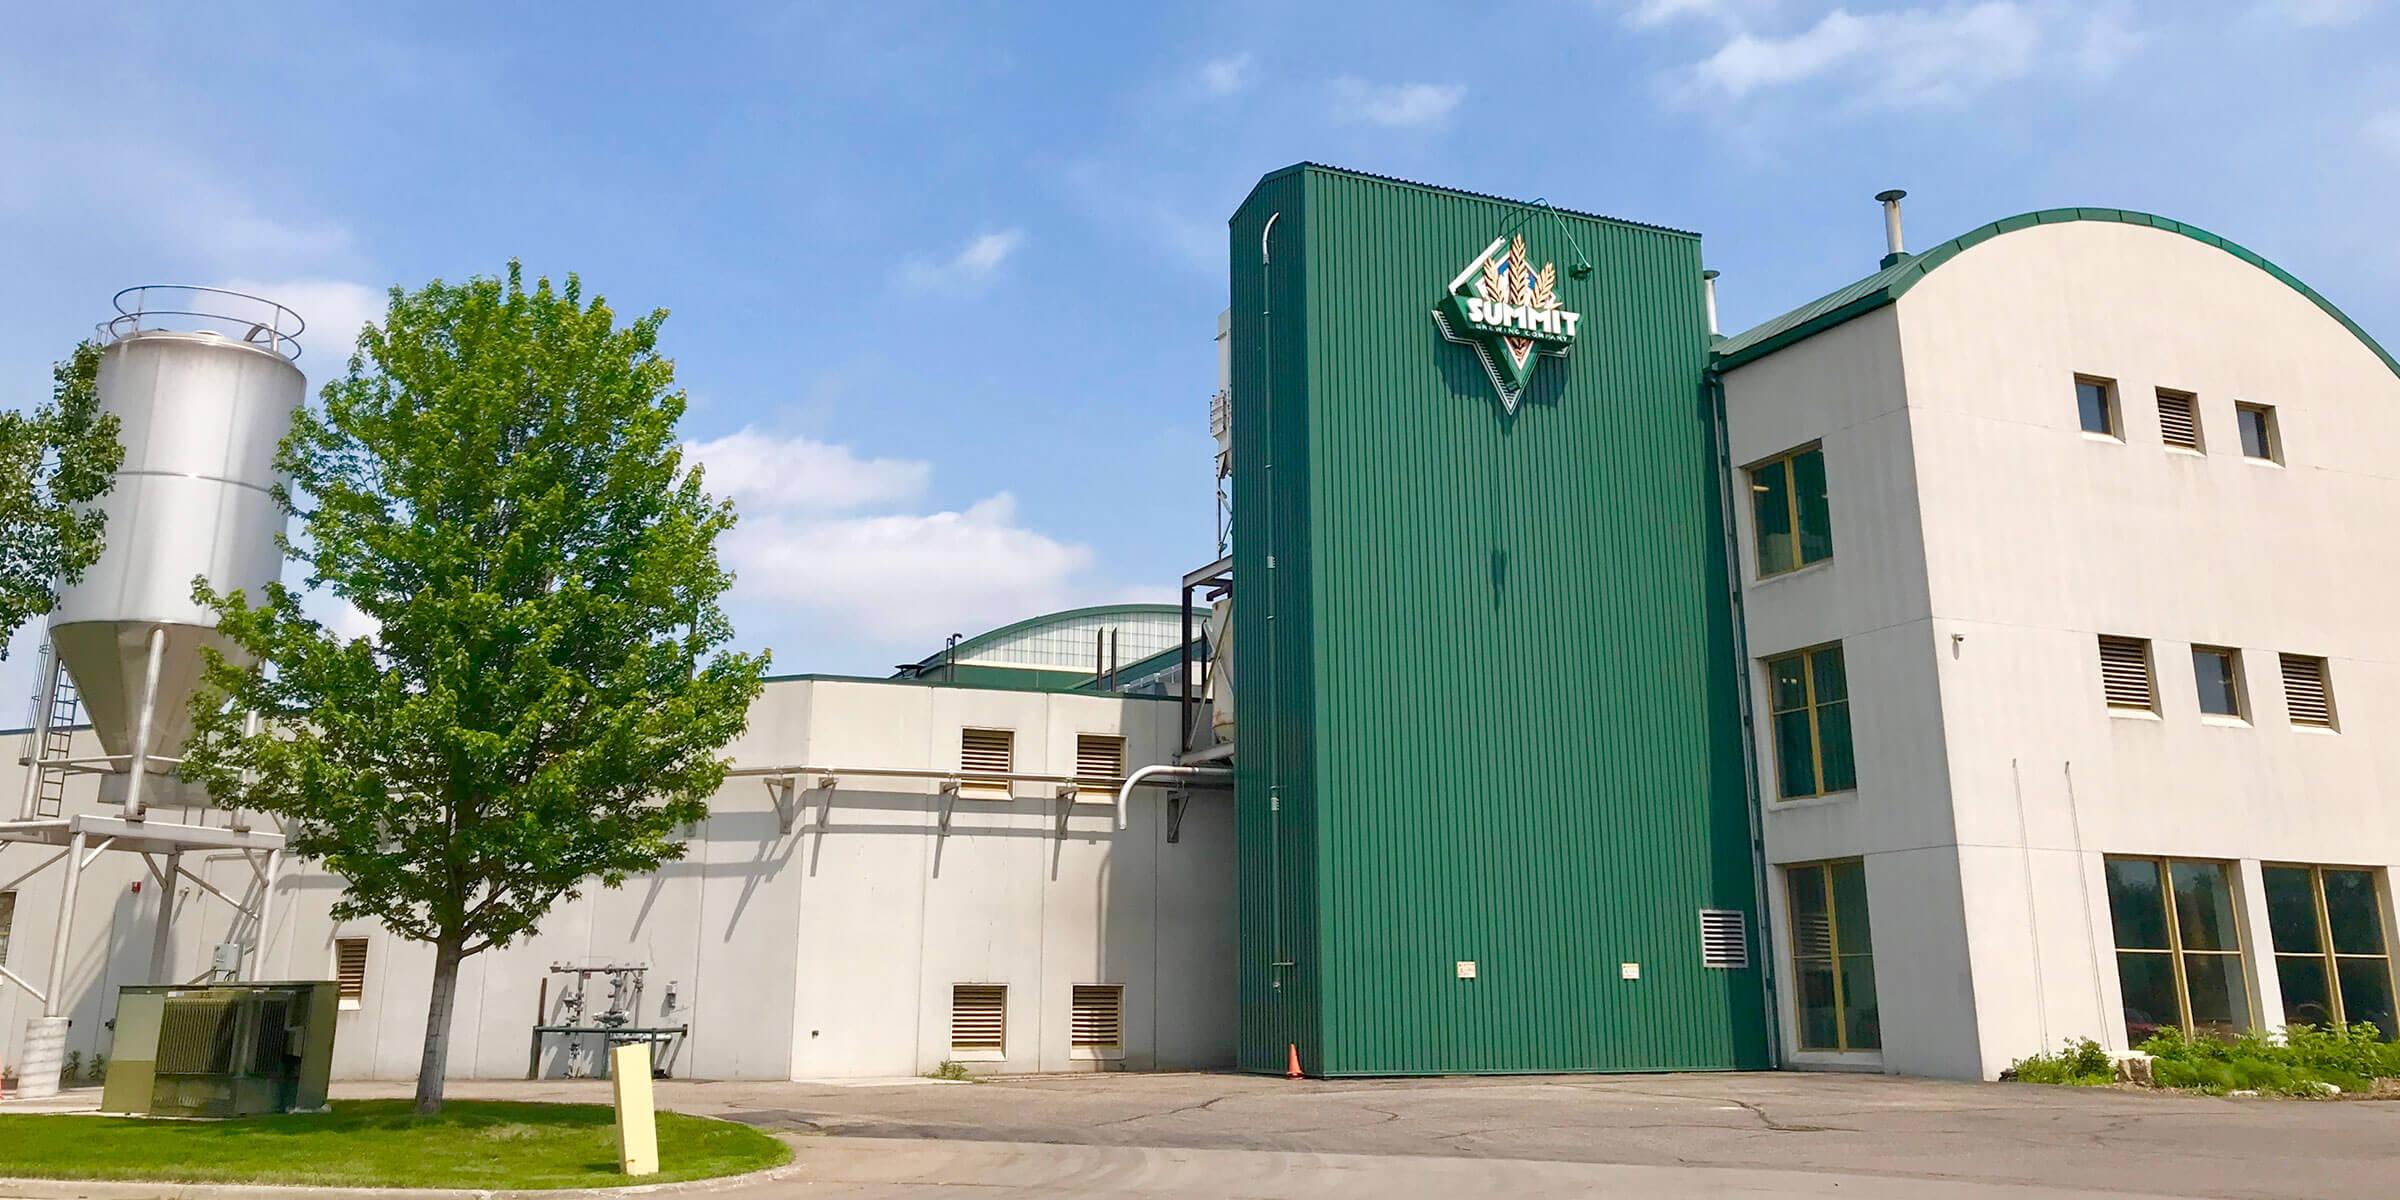 Outside Summit Brewing Co. in St. Paul, Minnesota